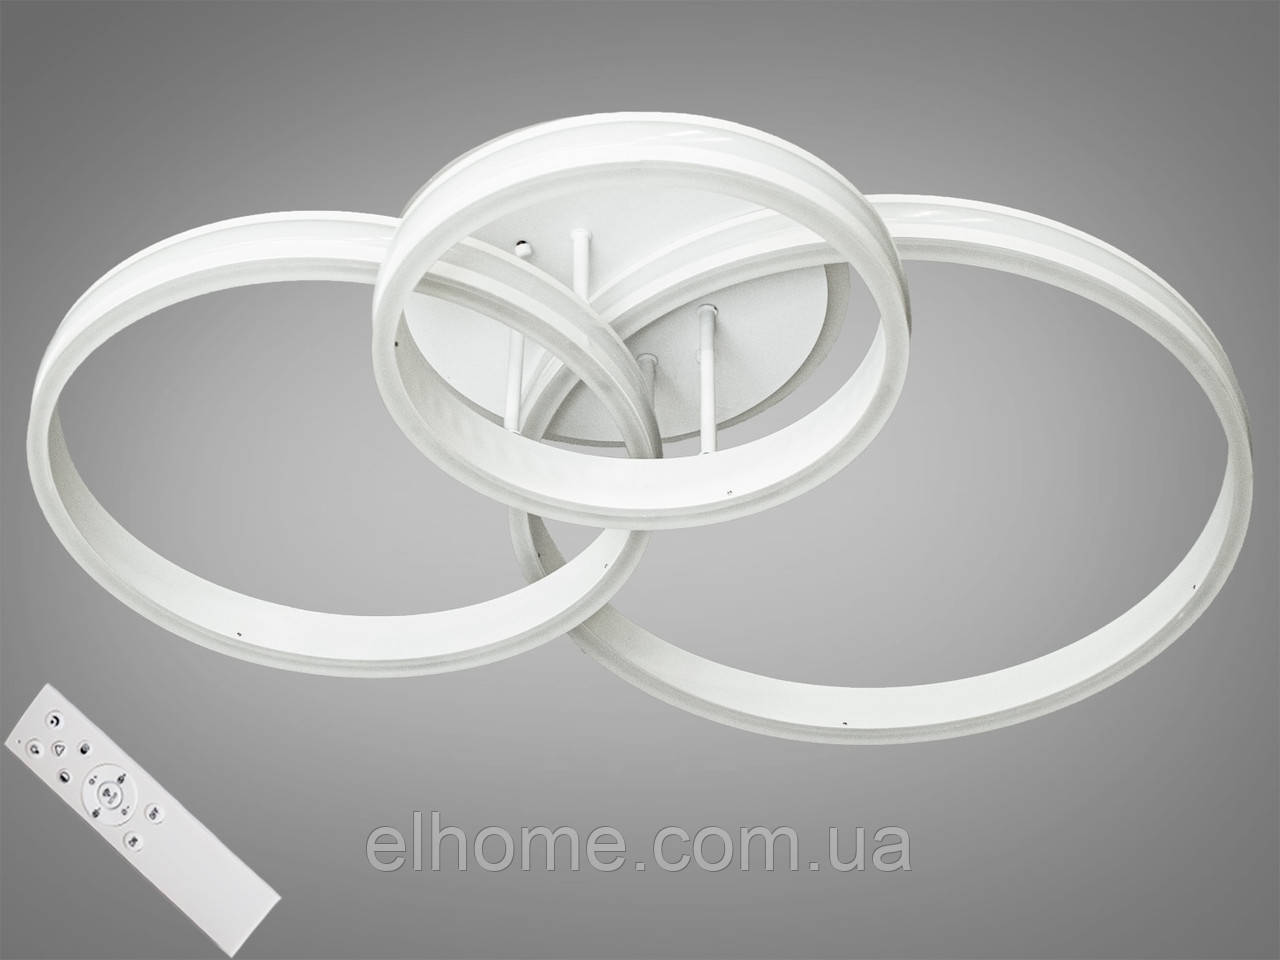 Потолочная светодиодная люстра с диммером 190W